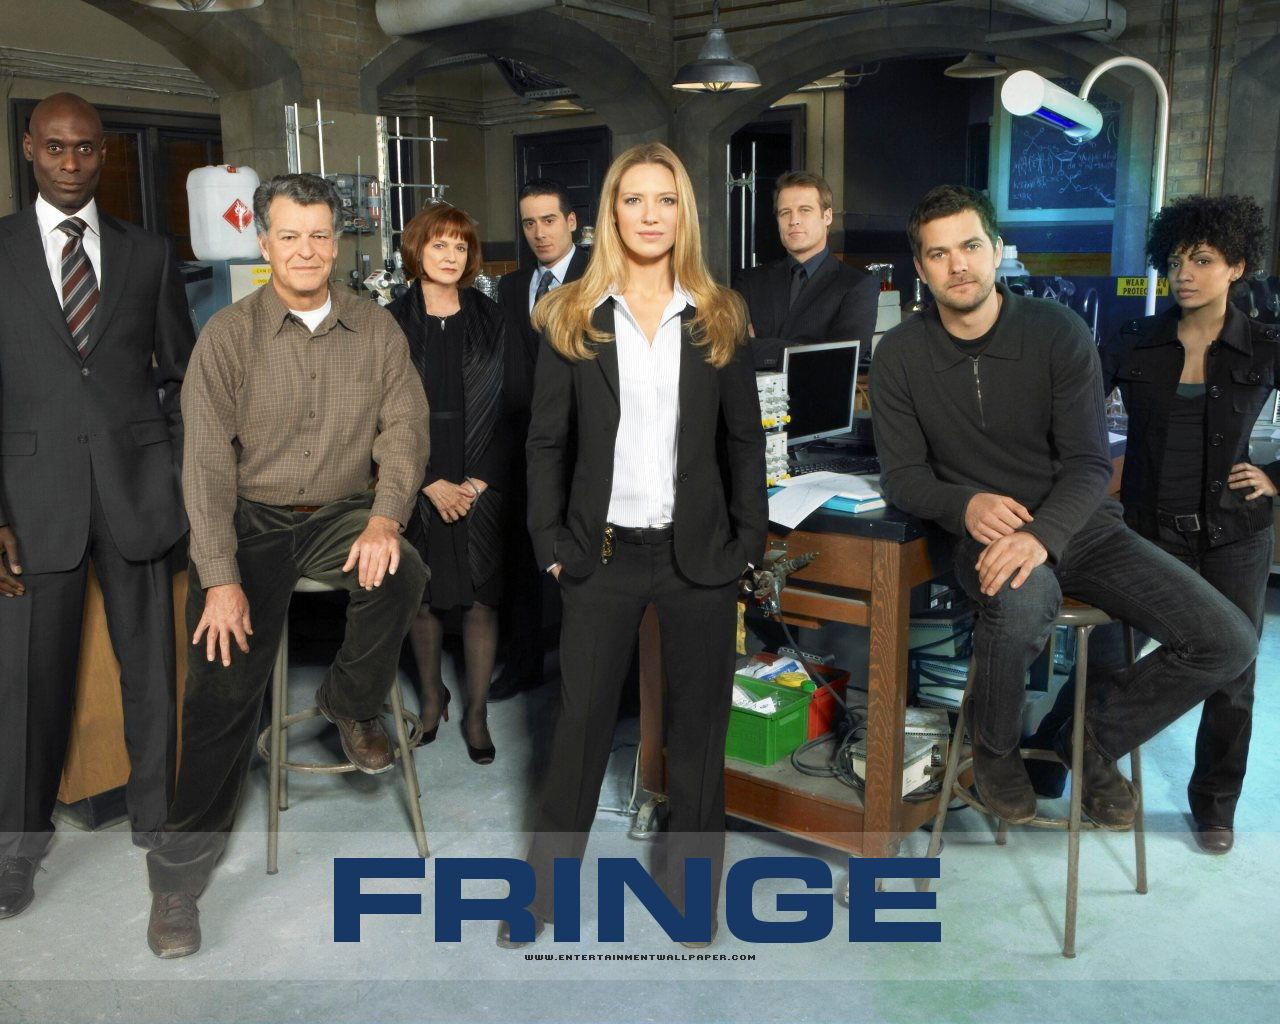 fringe_wallpaper_7